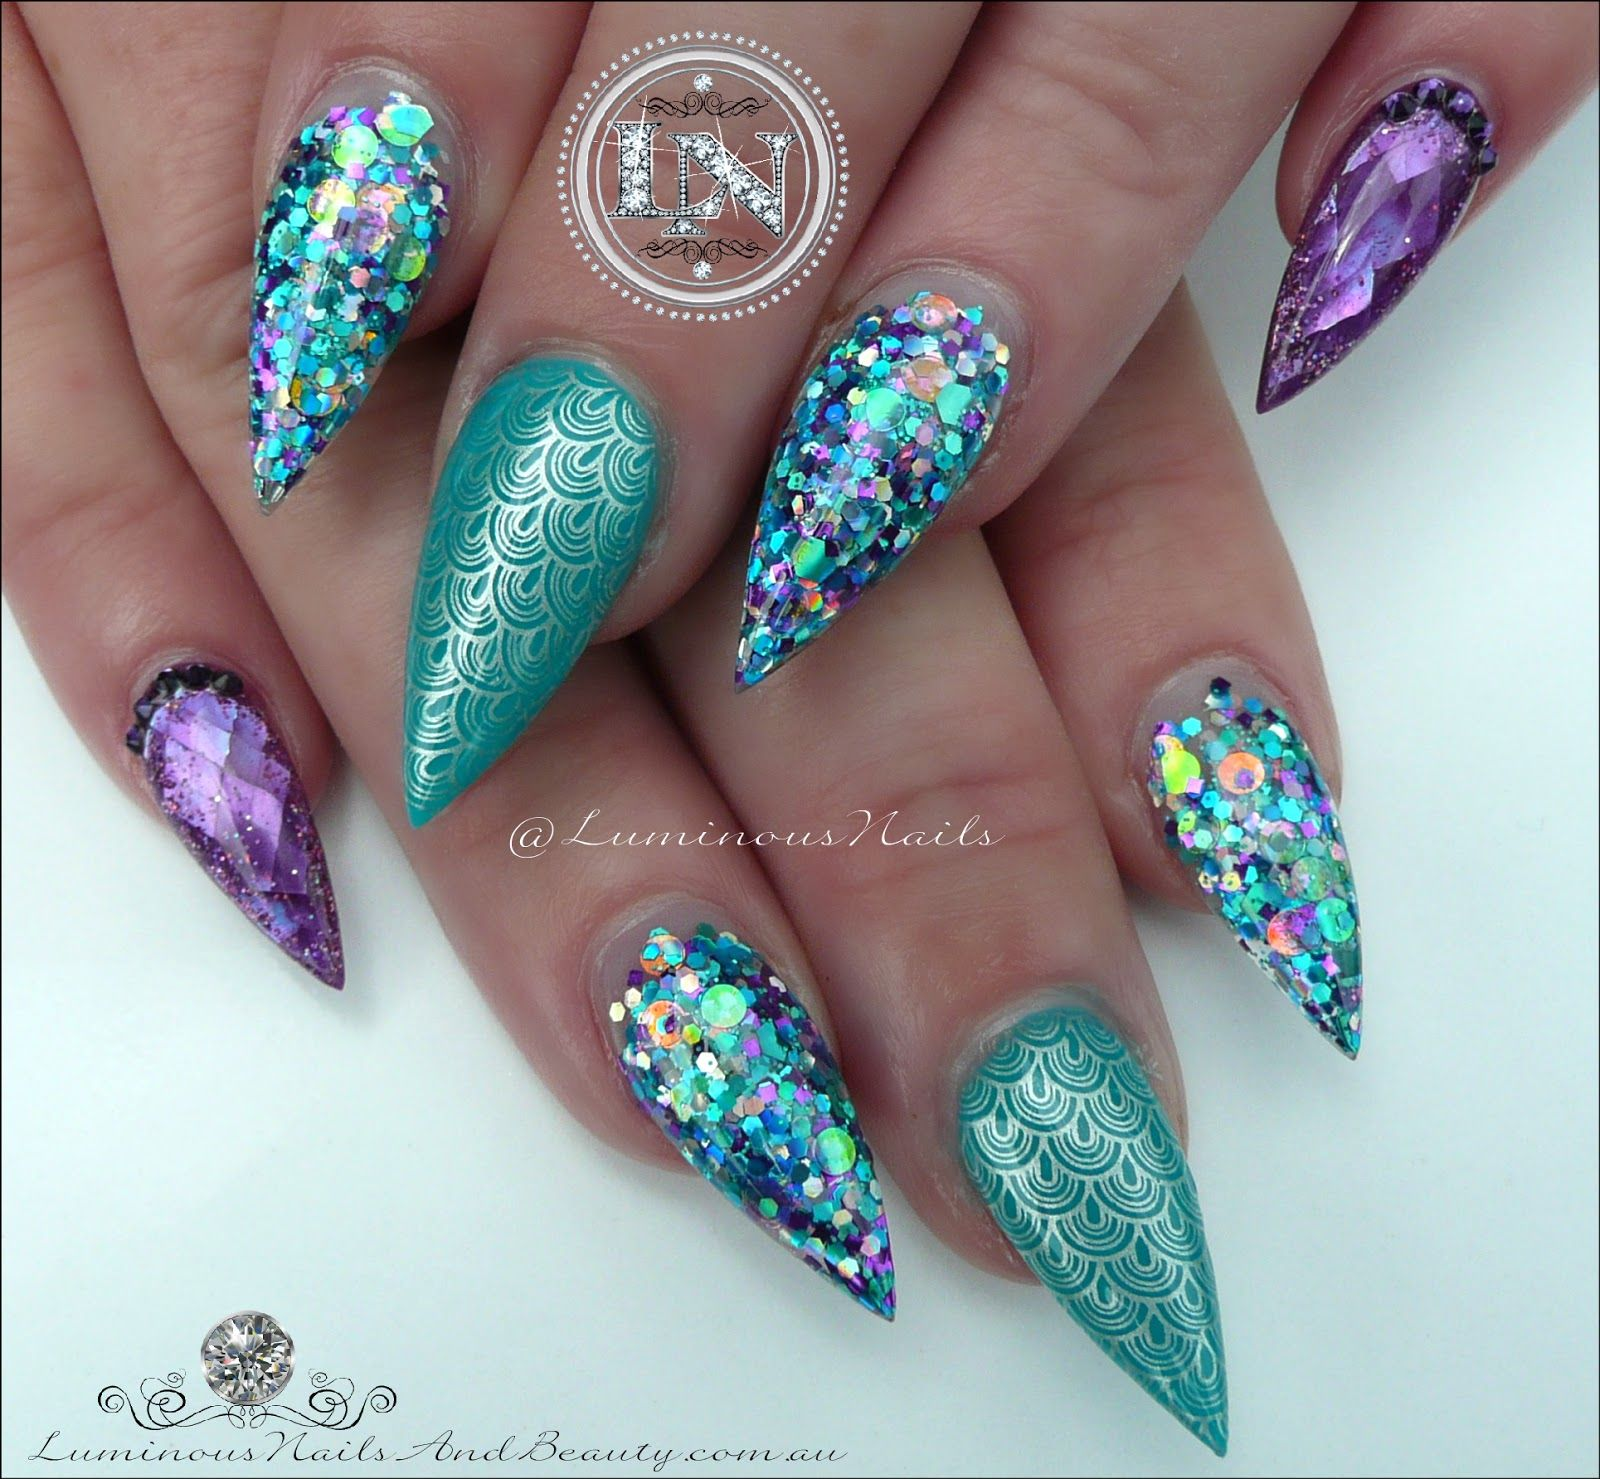 Atlantic Mermaid Nails Acrylic Nails Luminous Nails Mermaid Nails Trendy Nails